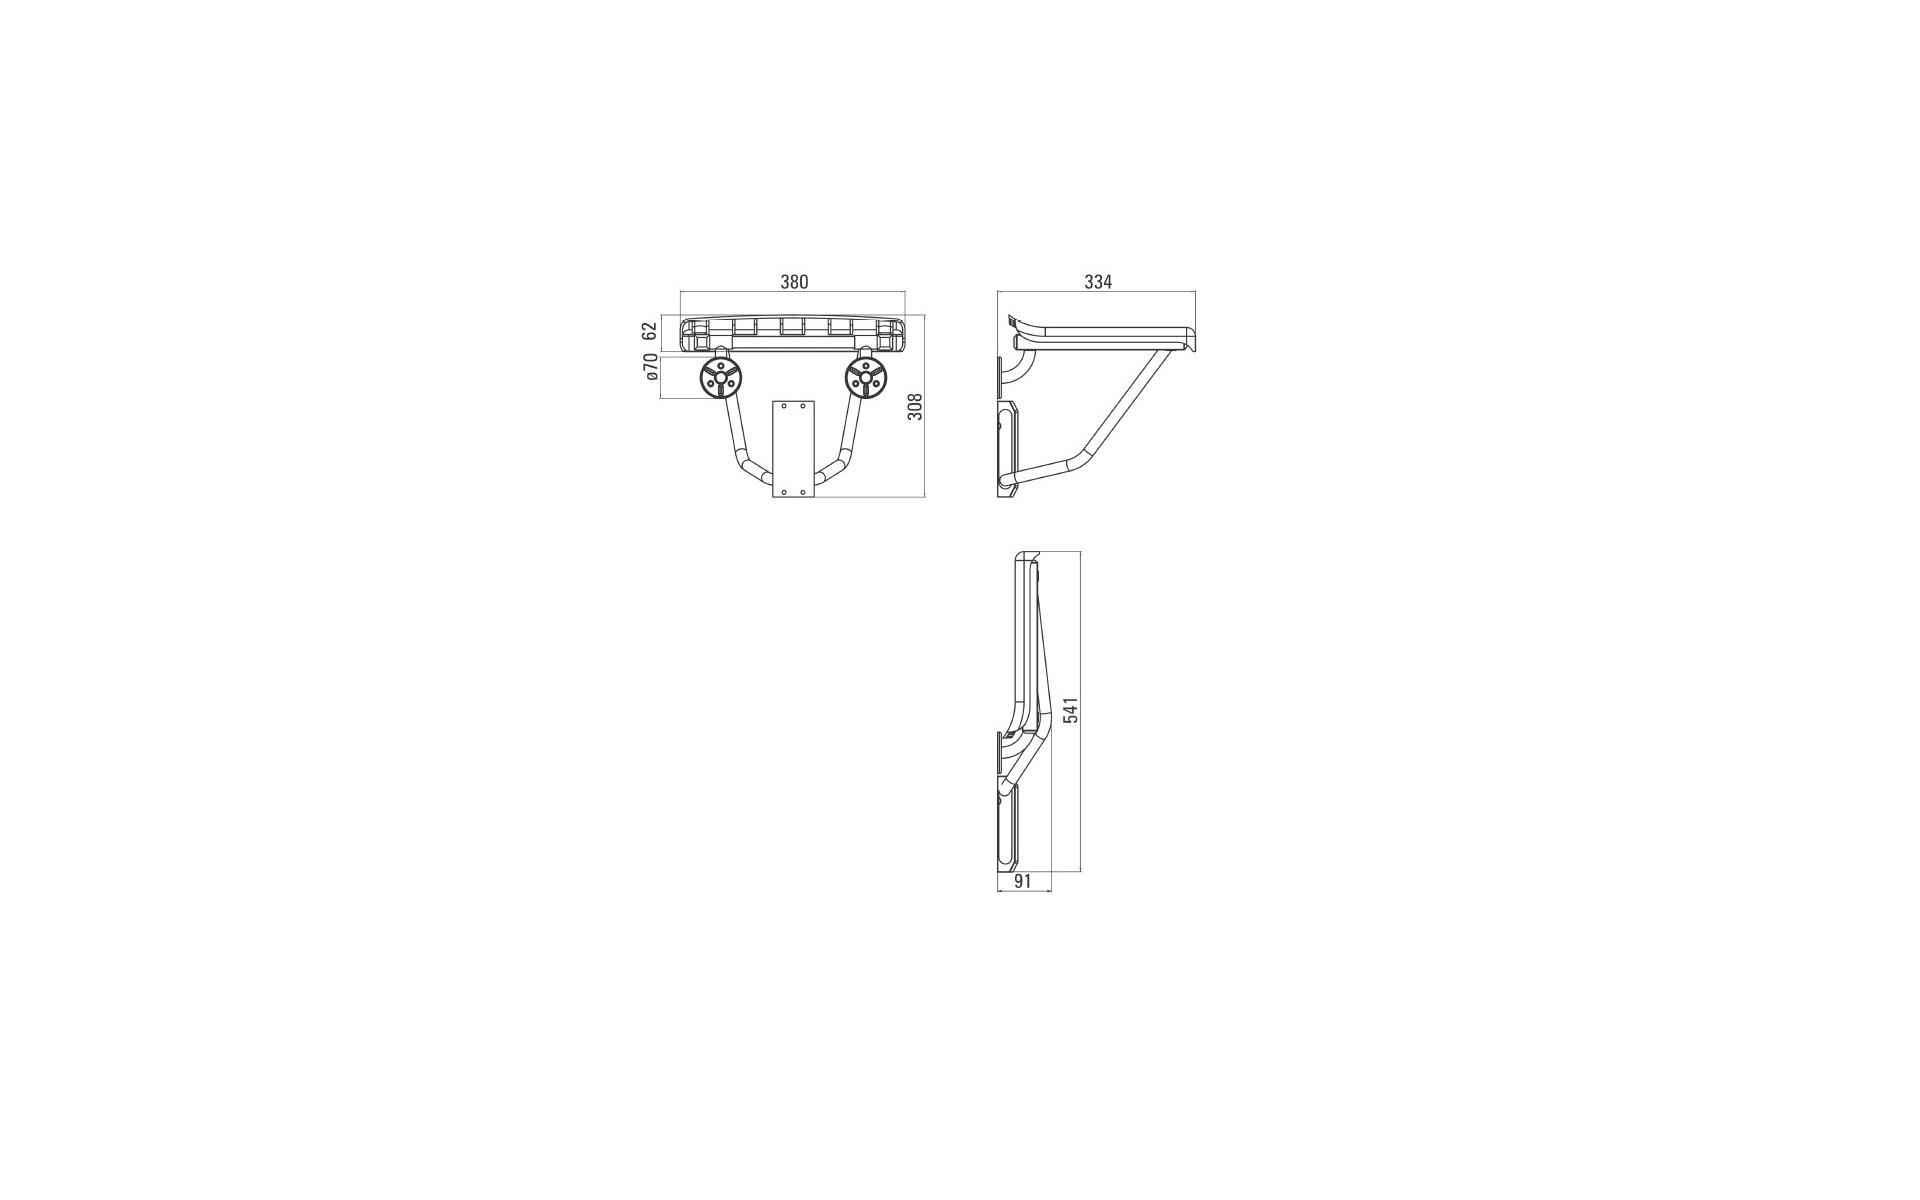 Taboret składany do kabiny prysznicowej - opis produktu.